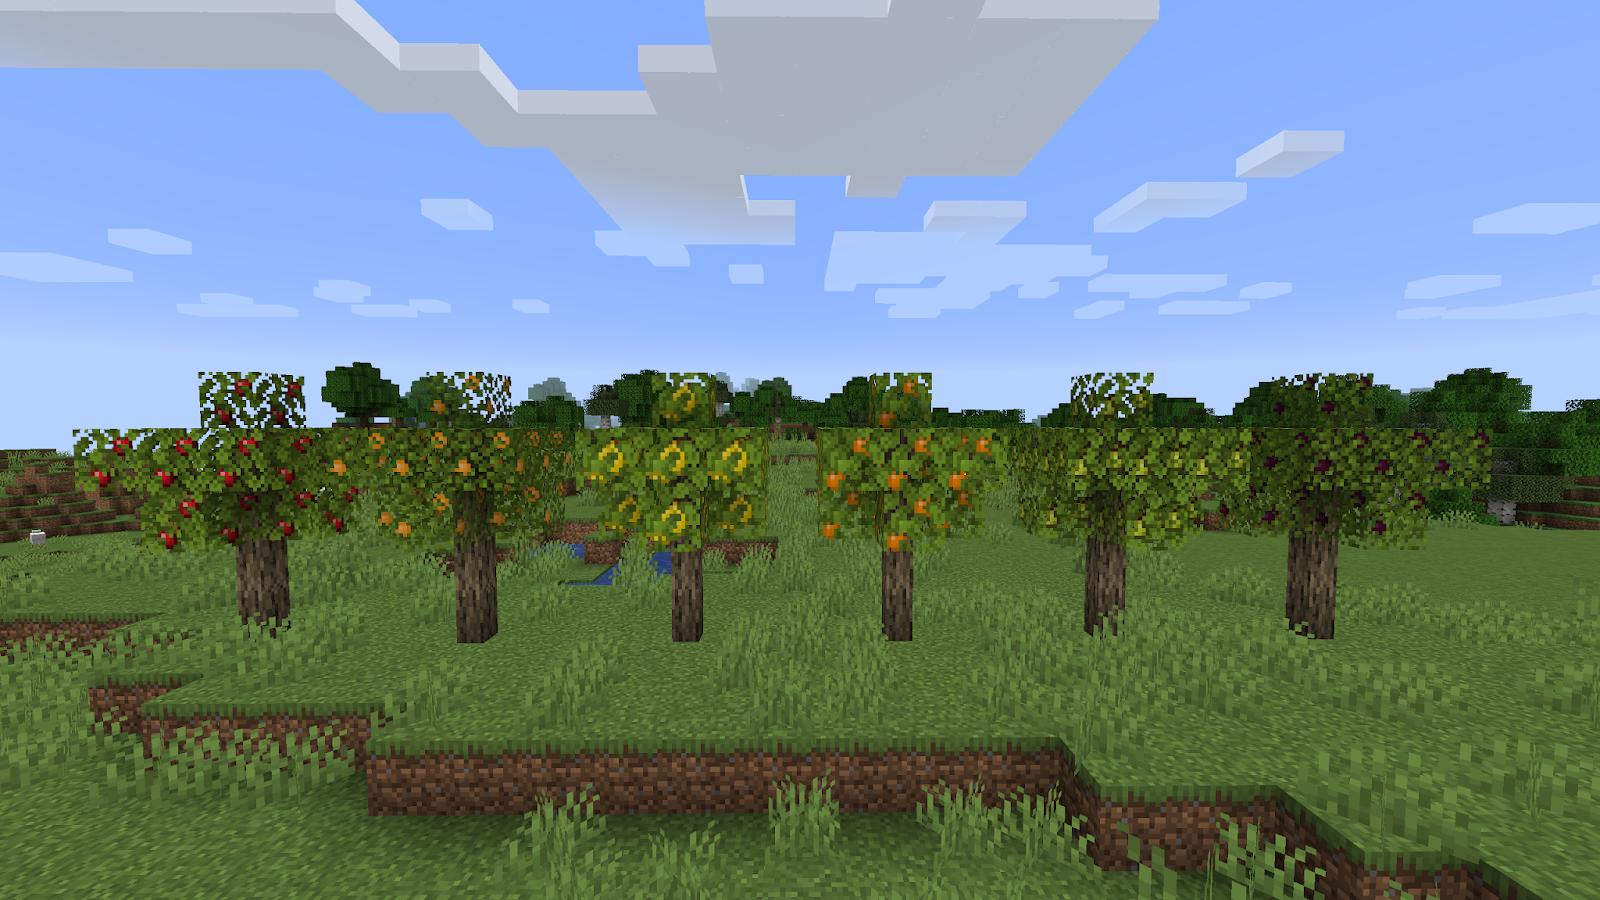 172 майнкрафт мод на фруктовые деревья #6